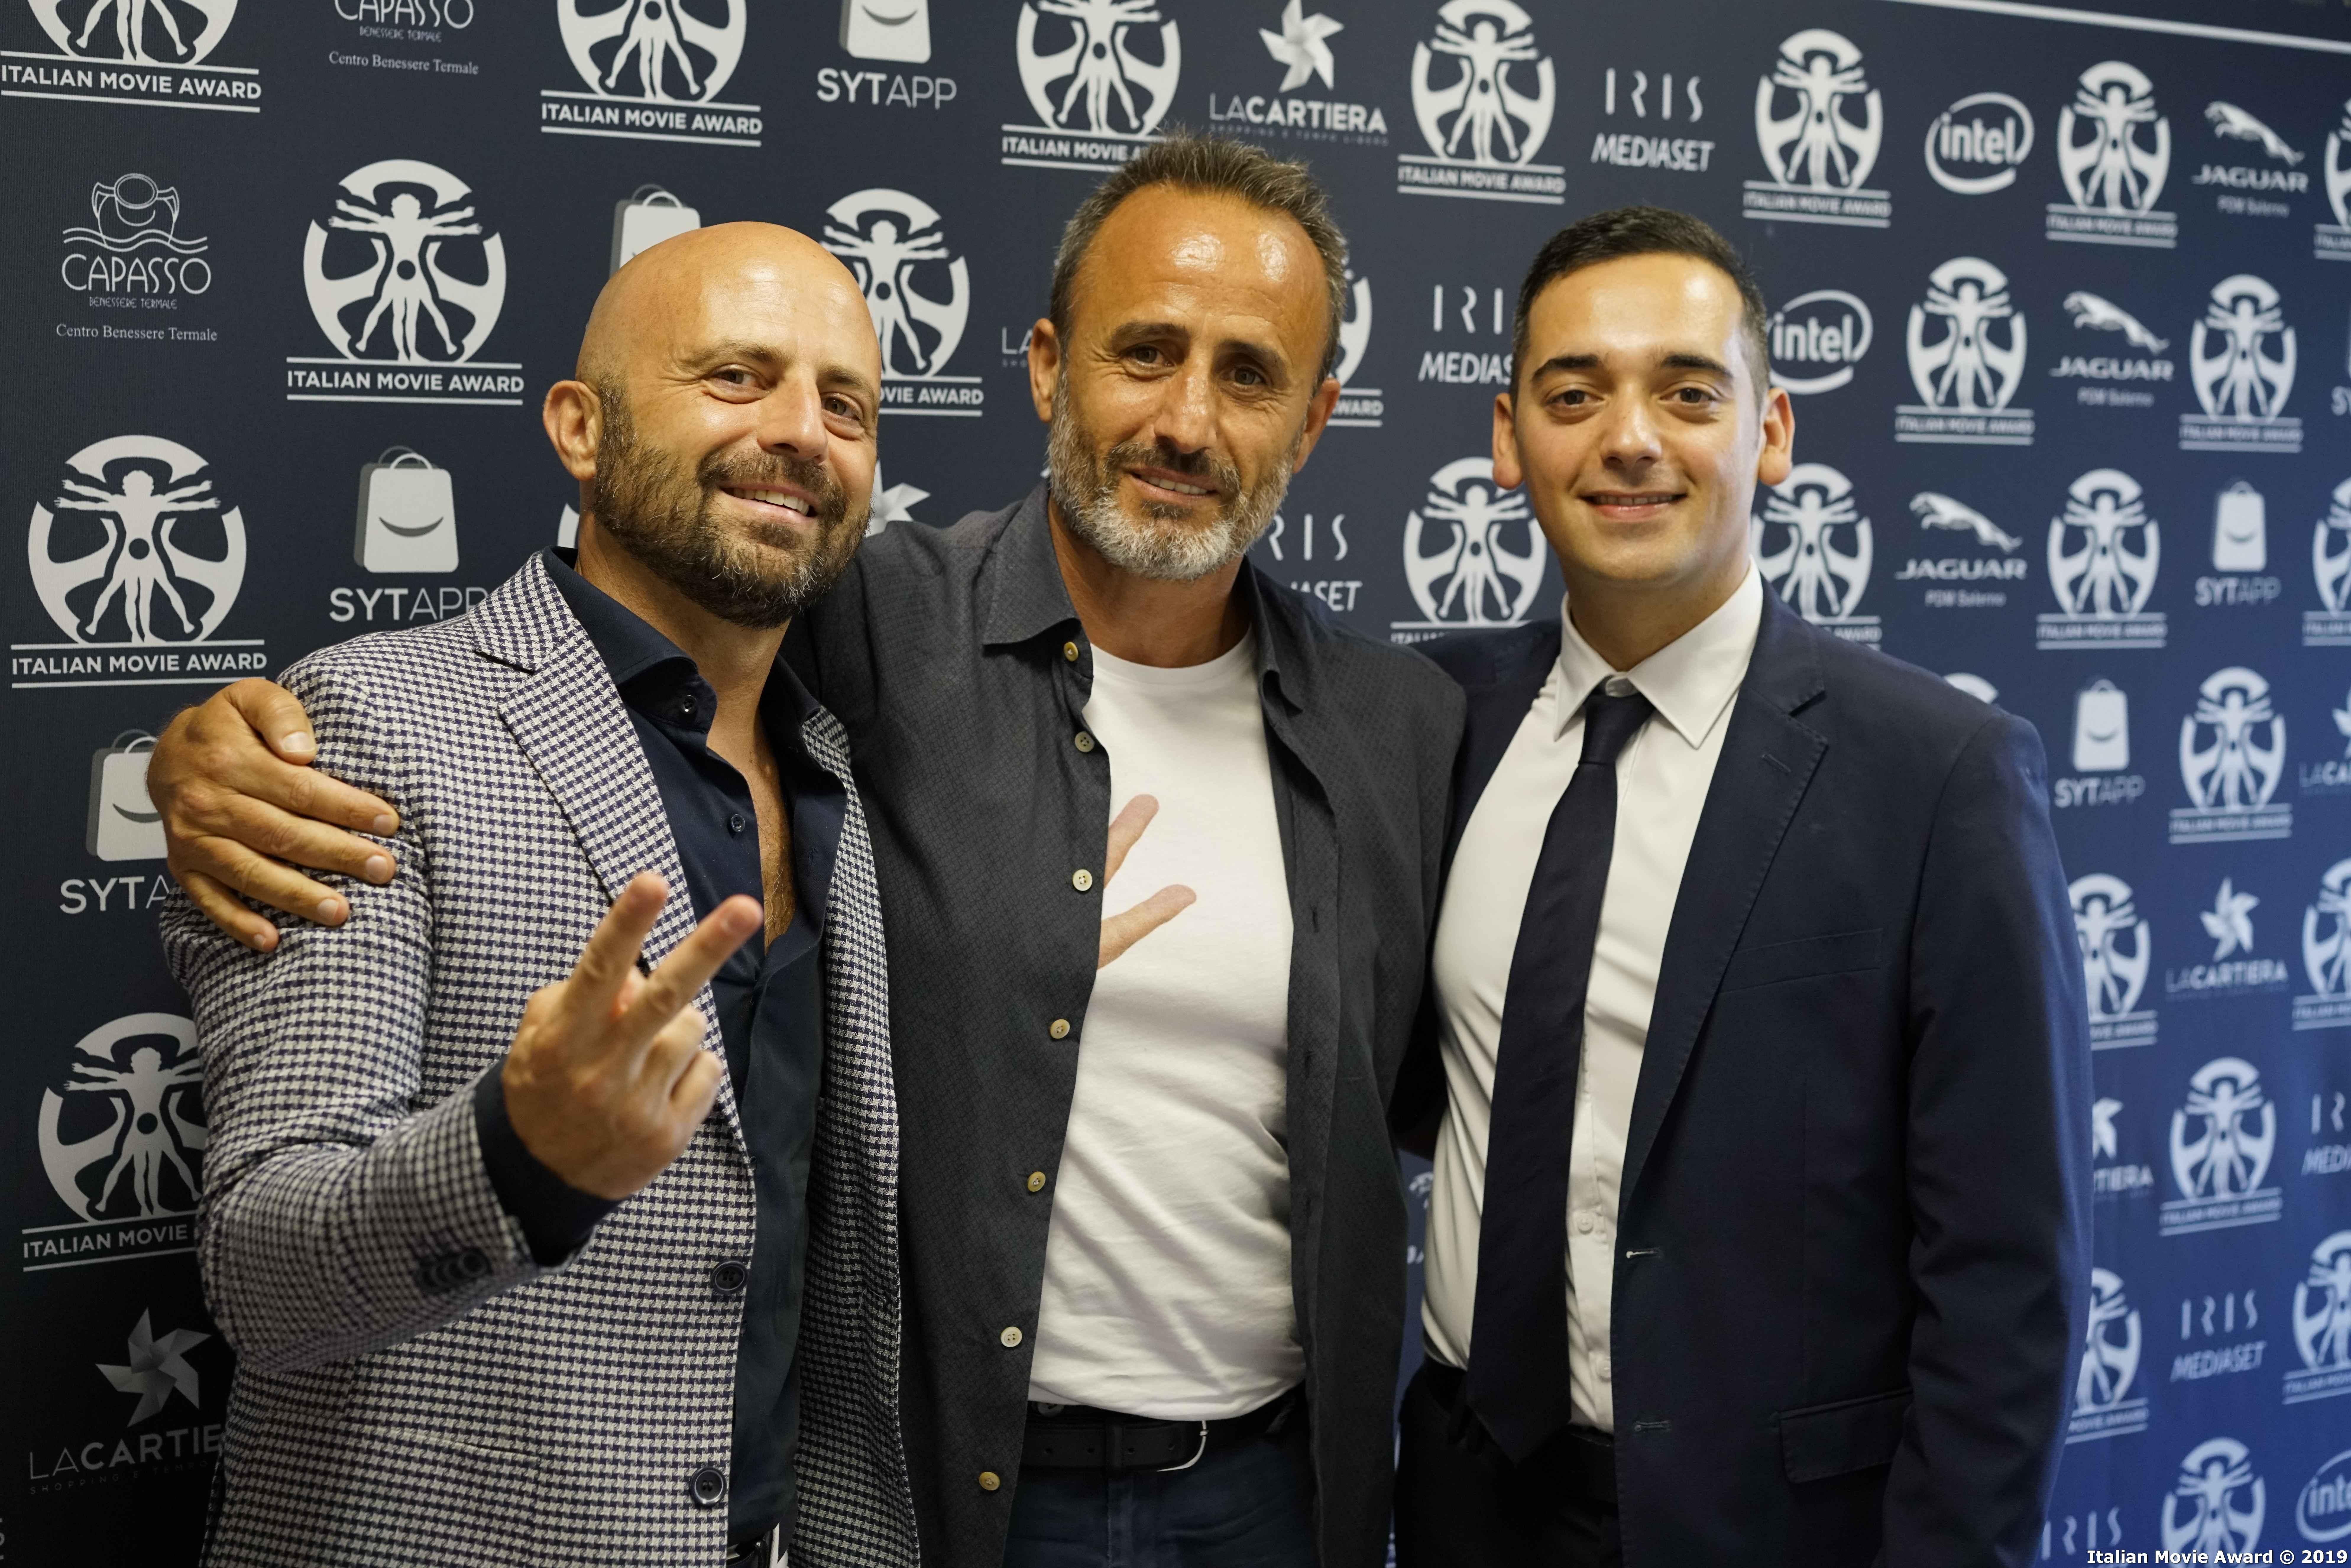 italian_movie_award_2019_conferenza_1_42